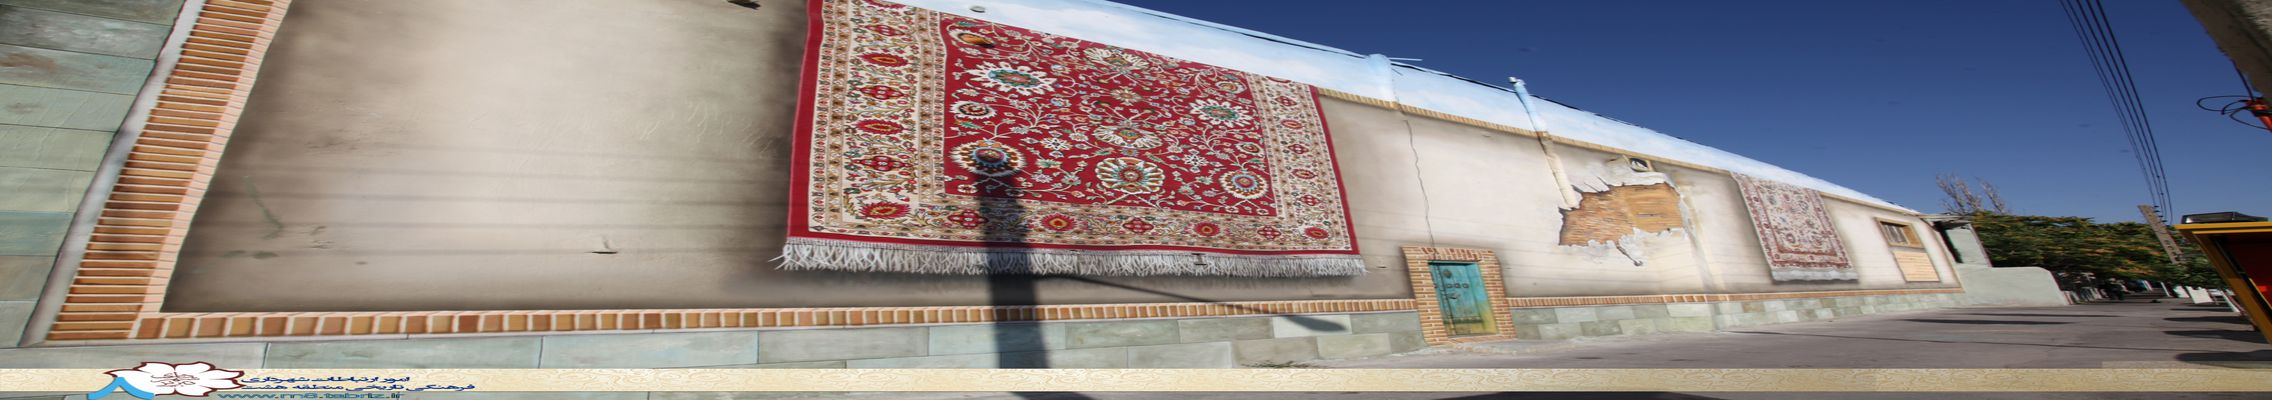 وسیعترین و زیباترین نقاشی دیواری فرشهای تبریز تکمیل شد